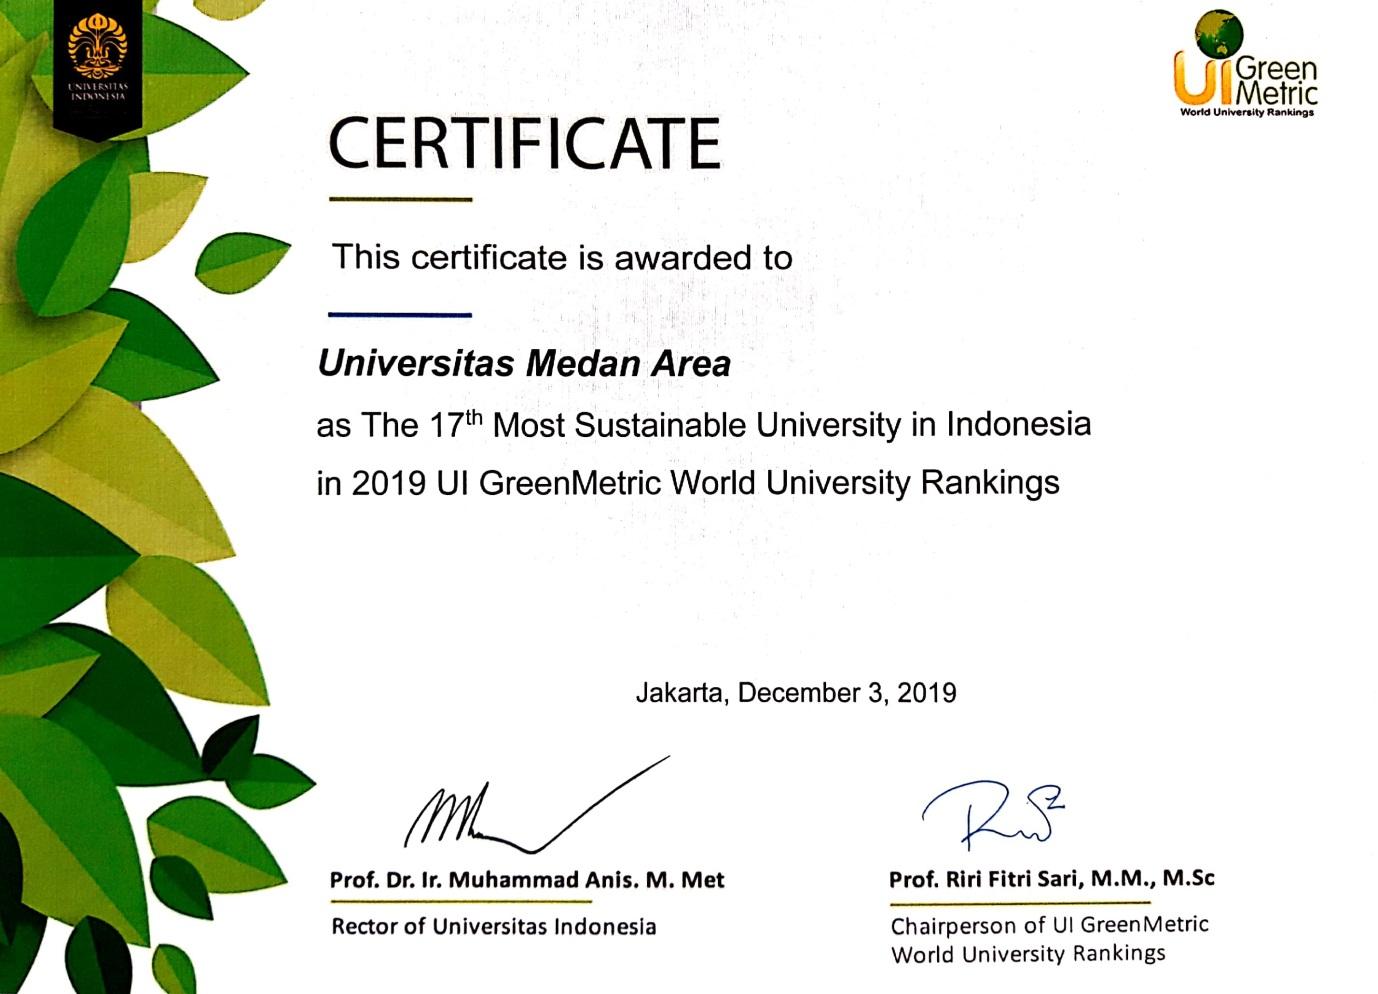 C:\Users\Agro\Pictures\sertifikat-greenmetric-uma-peringkat-nasional(1).jpg